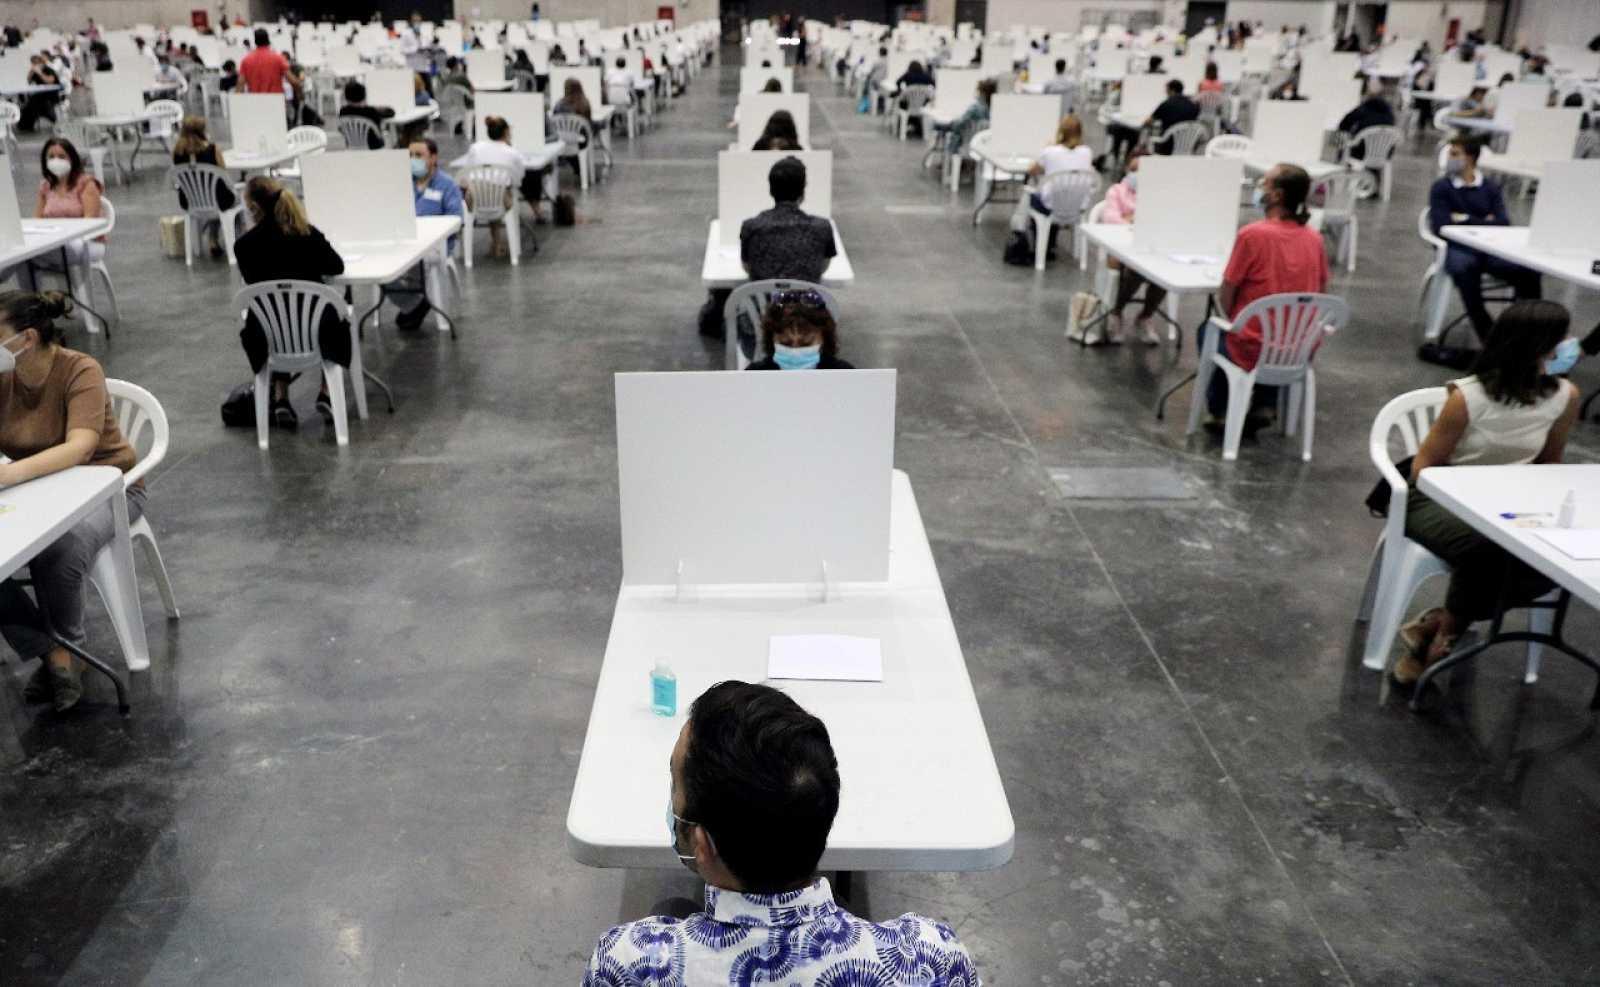 El Gobierno plantea ofertar 9.270 plazas de acceso libre y 8.996 de promoción y los sindicatos lo rechazan